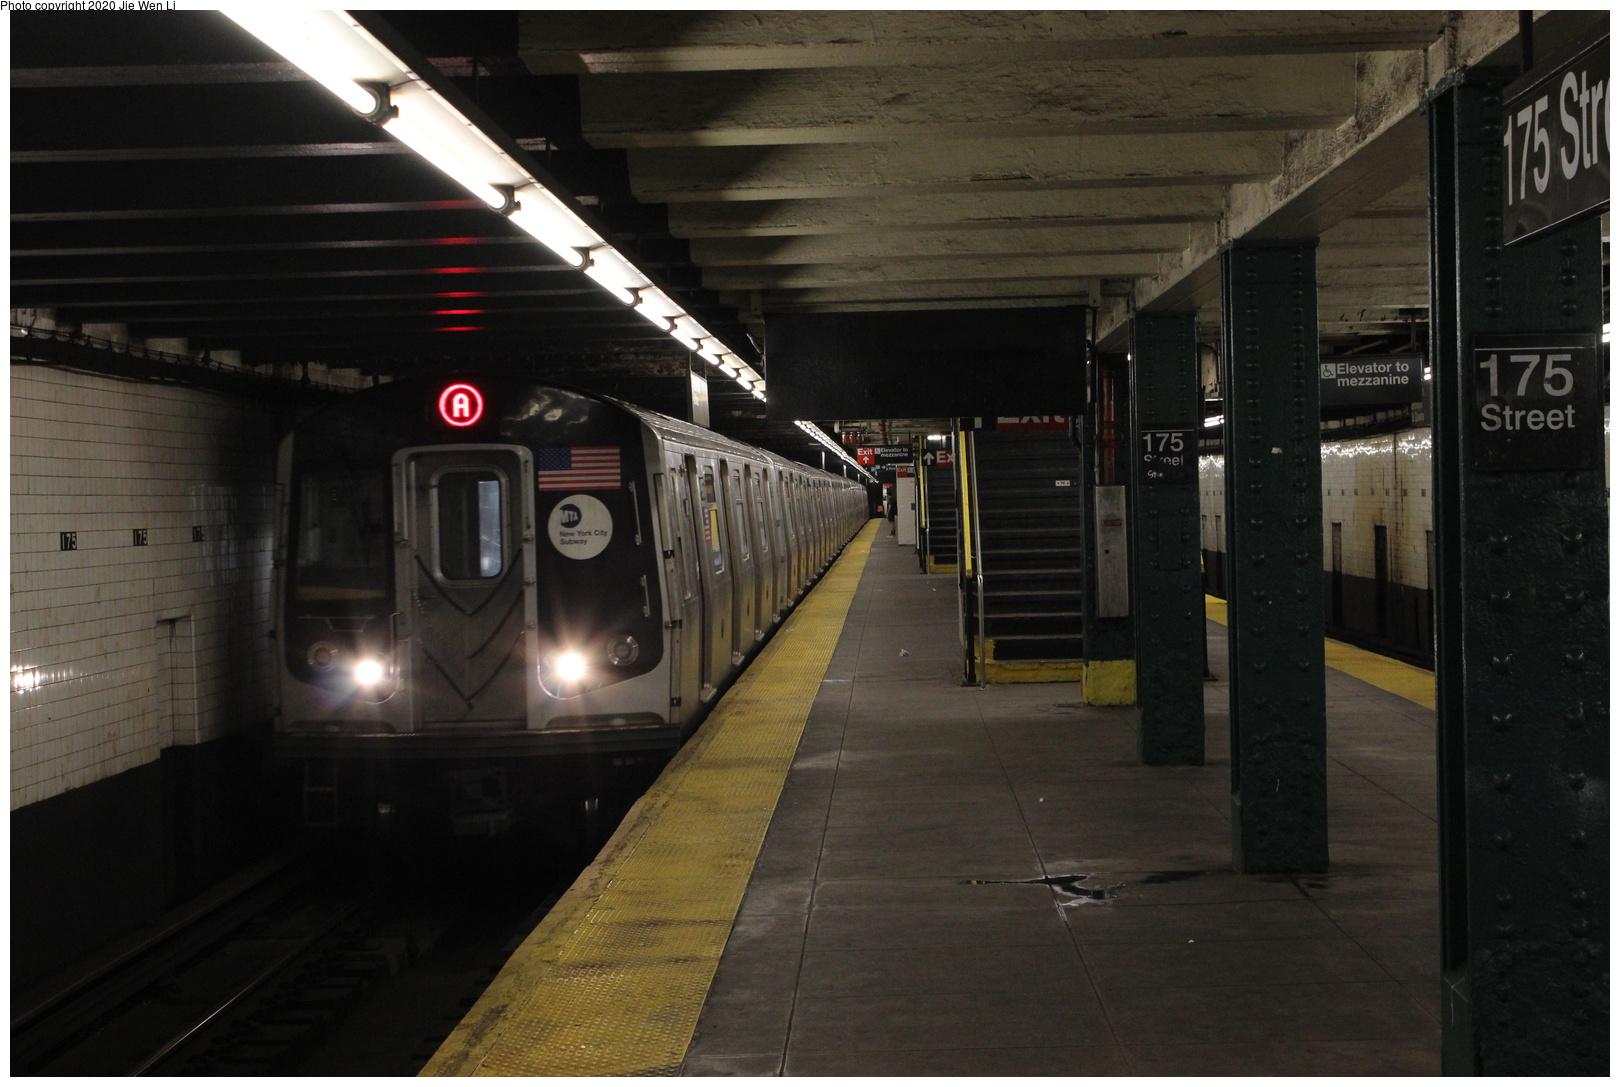 (229k, 1044x684)<br><b>Country:</b> United States<br><b>City:</b> New York<br><b>System:</b> New York City Transit<br><b>Line:</b> IRT Flushing Line<br><b>Location:</b> 90th Street/Elmhurst Avenue <br><b>Route:</b> 7<br><b>Car:</b> R-17 (St. Louis, 1955-56)  <br><b>Photo by:</b> Joel Shanus<br><b>Date:</b> 1962<br><b>Viewed (this week/total):</b> 1 / 2672